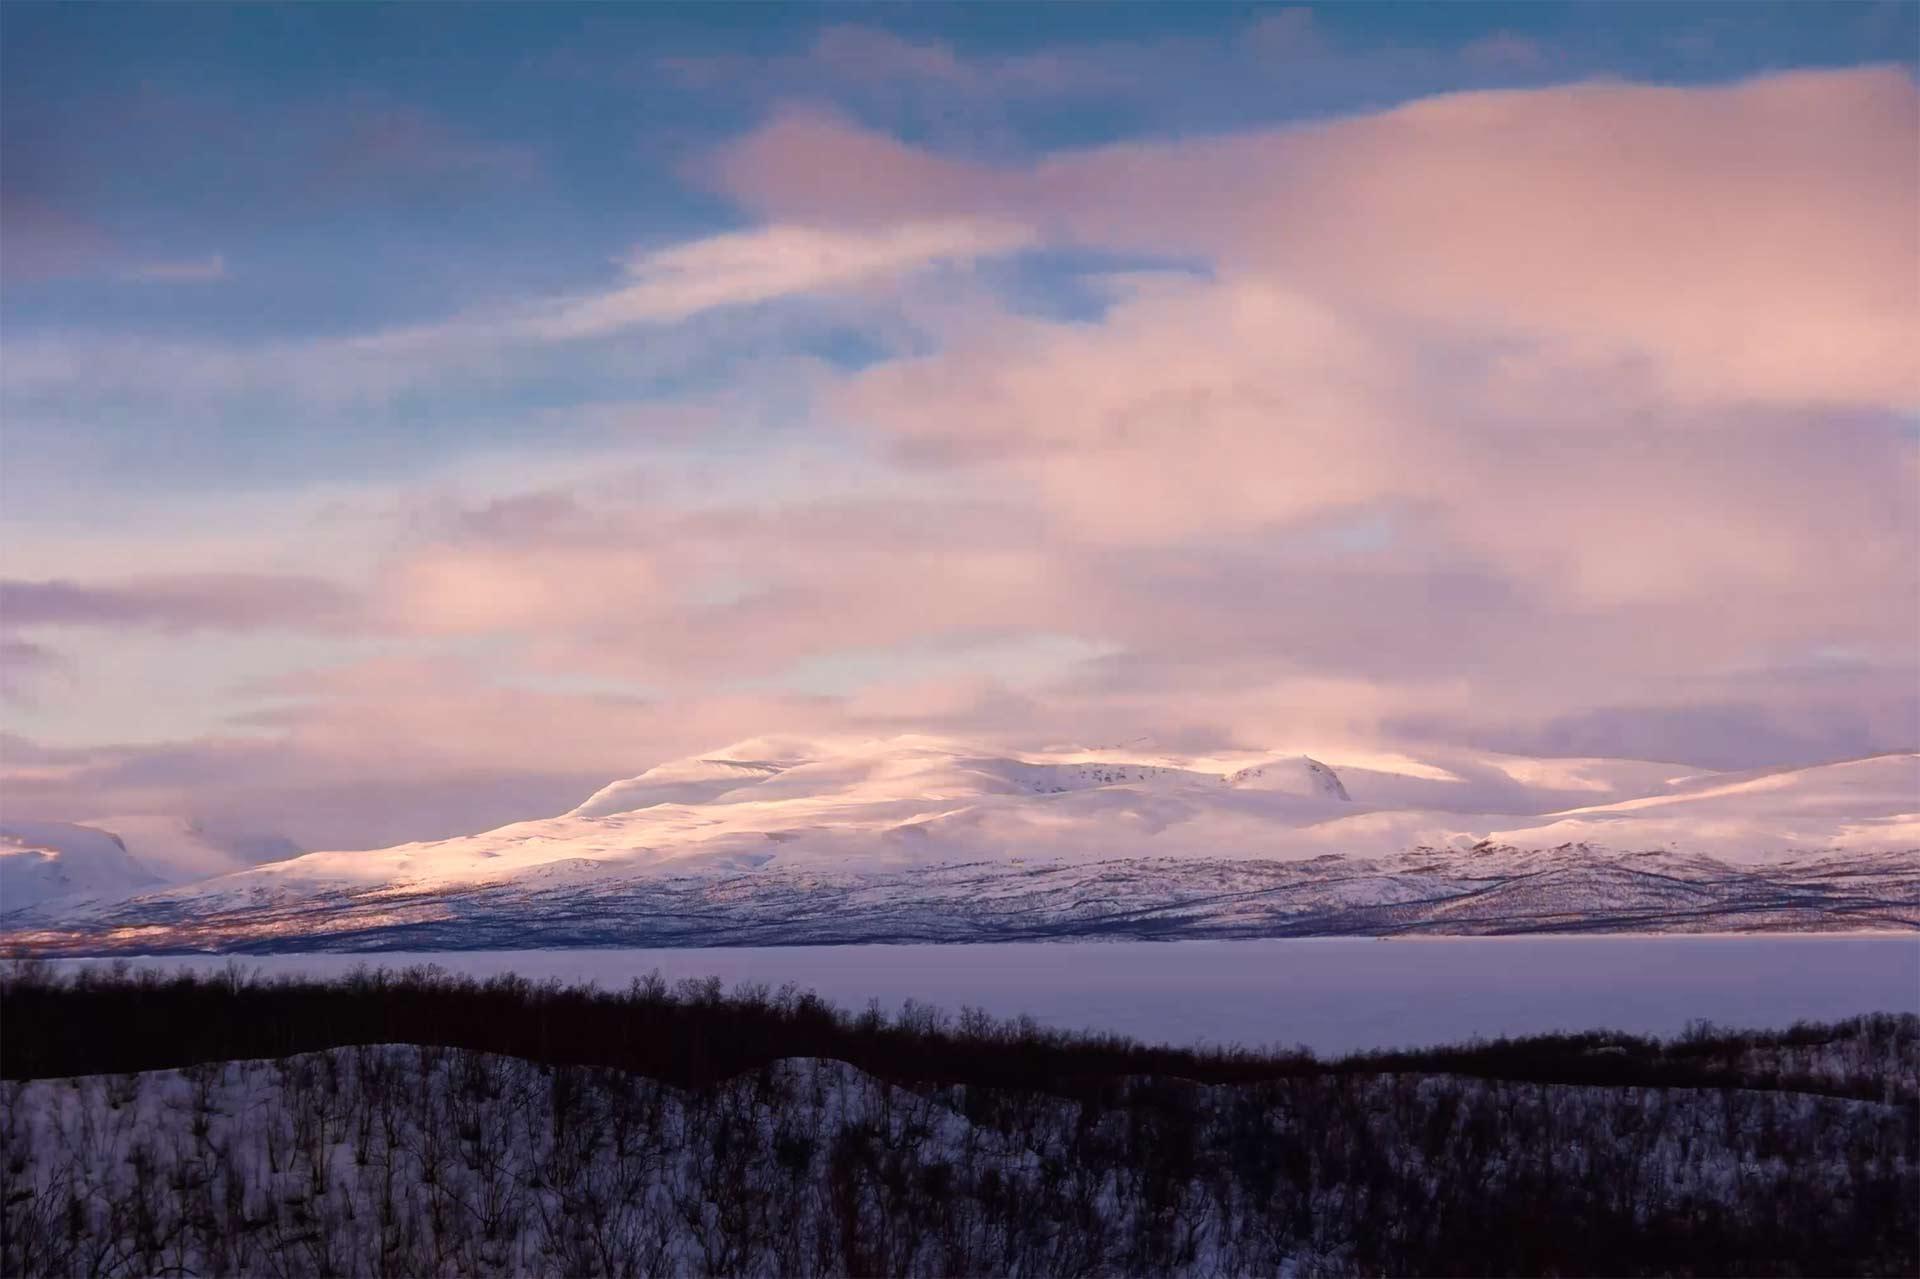 alps at dawn